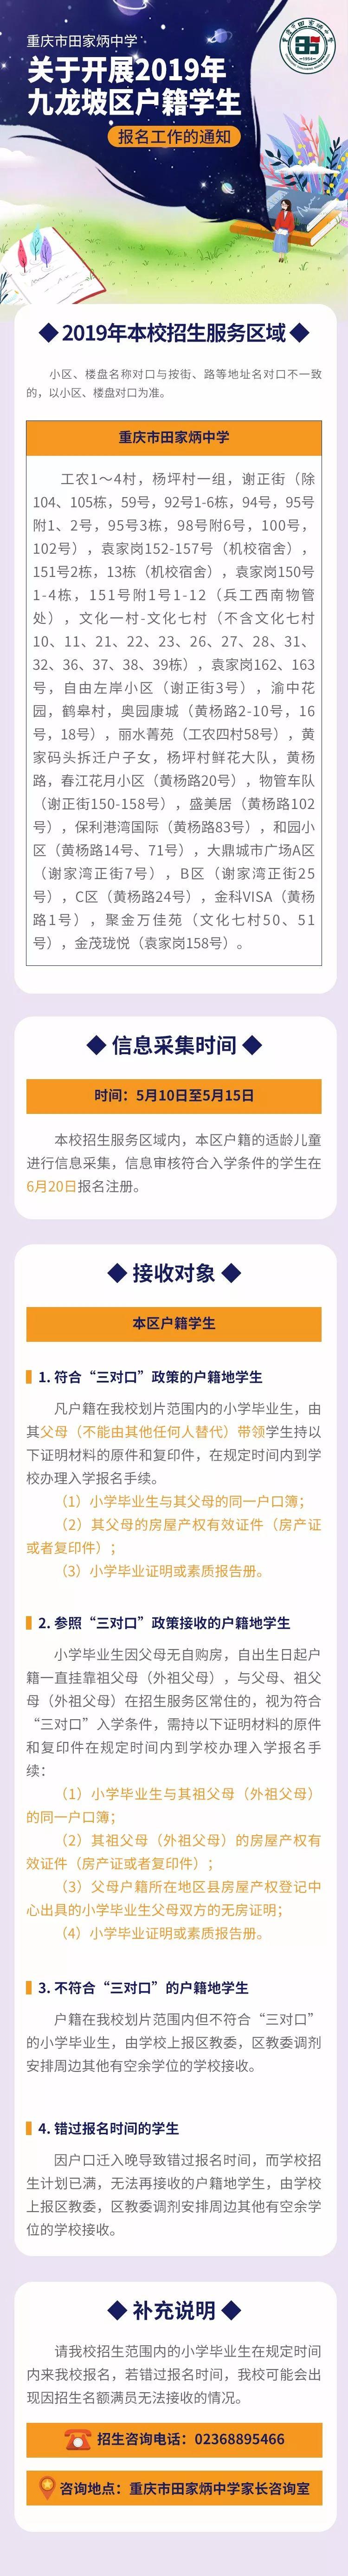 2019九龙坡红光中学入学划片范围